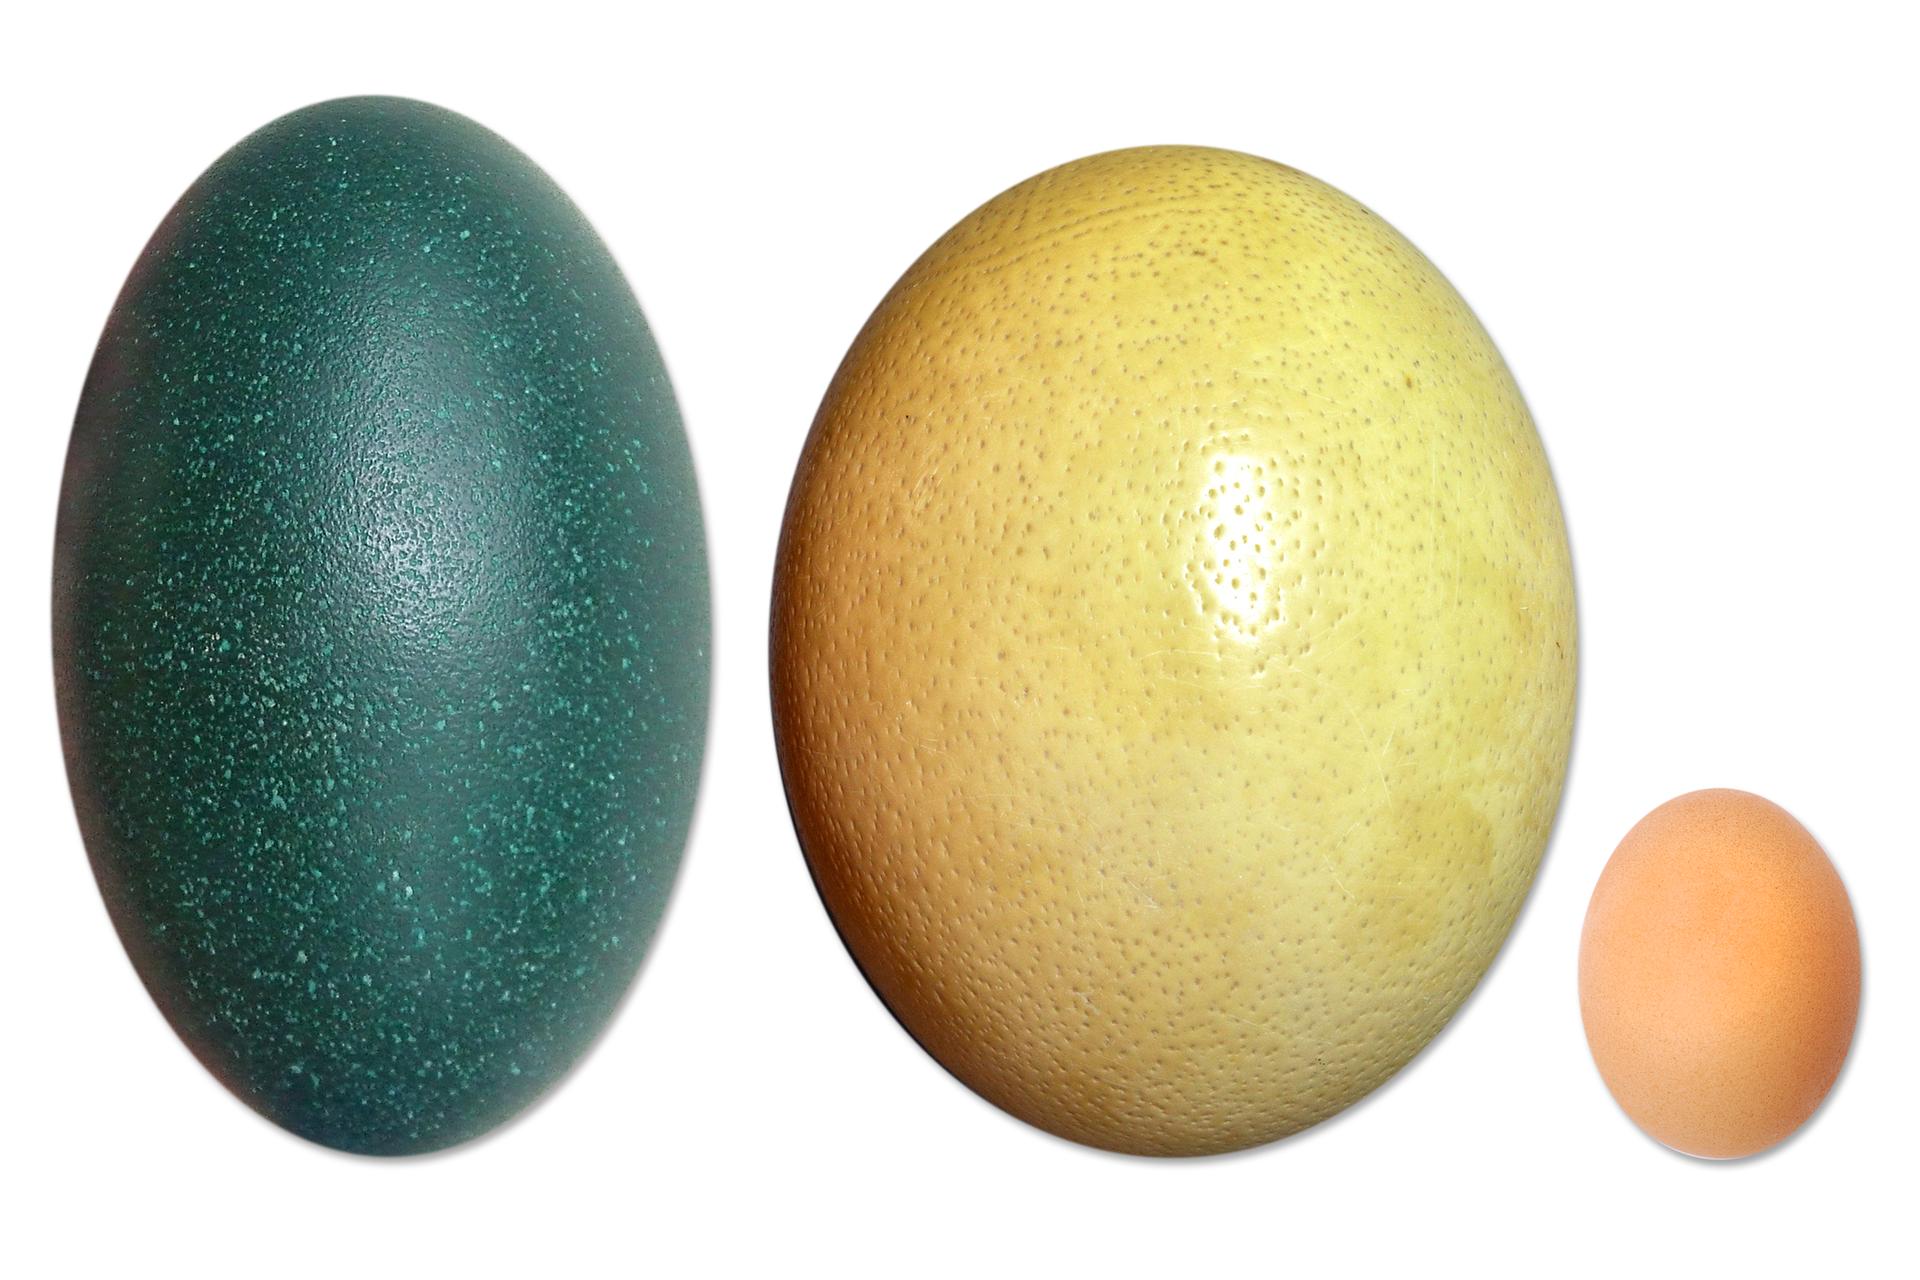 Zdjęcie przedstawiające jaja strusia afrykańskiego, australijskiego emu ikury. Jaja różnią się wielkością, kształtem ikolorem.